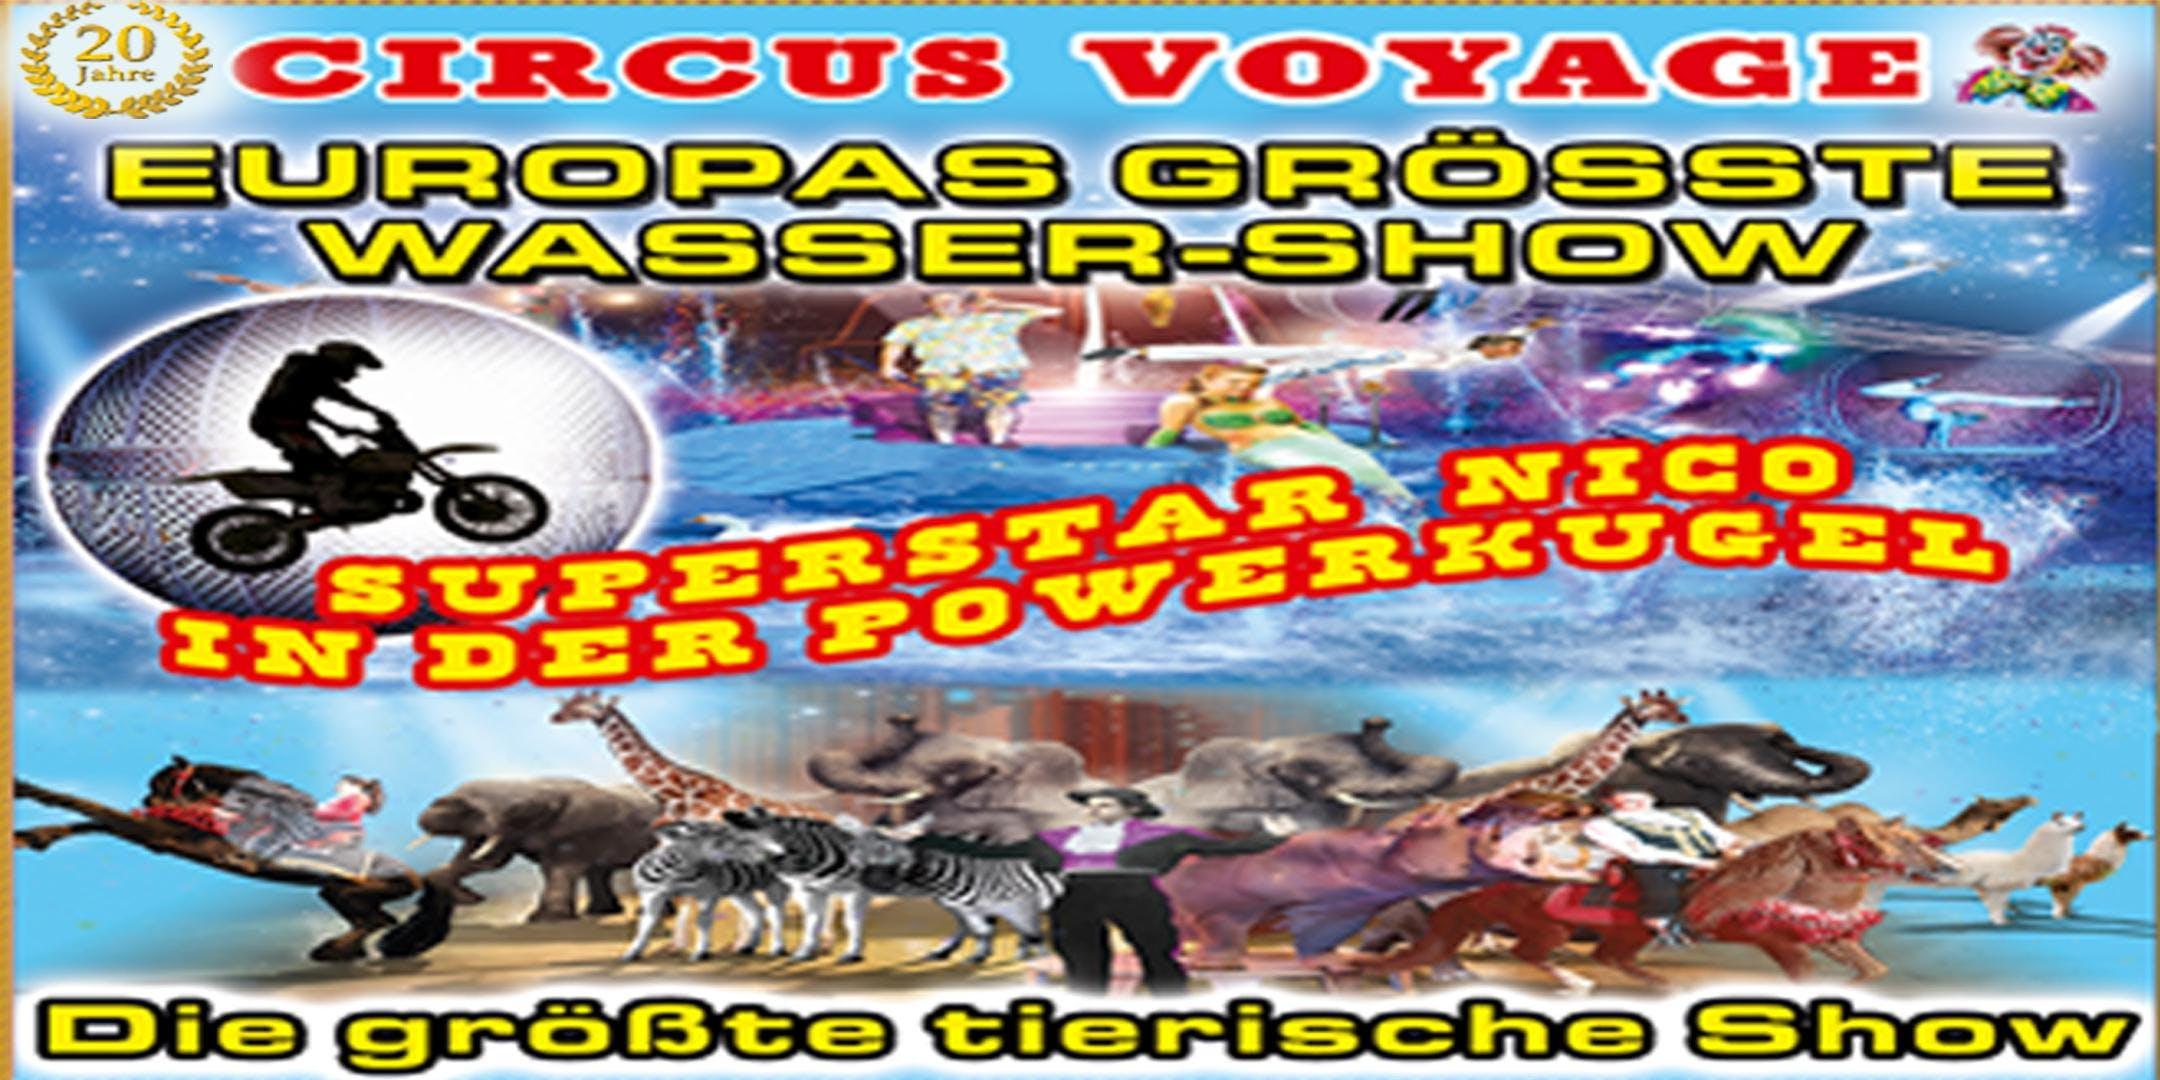 Circus Voyage Familienvorstellungen in Regens